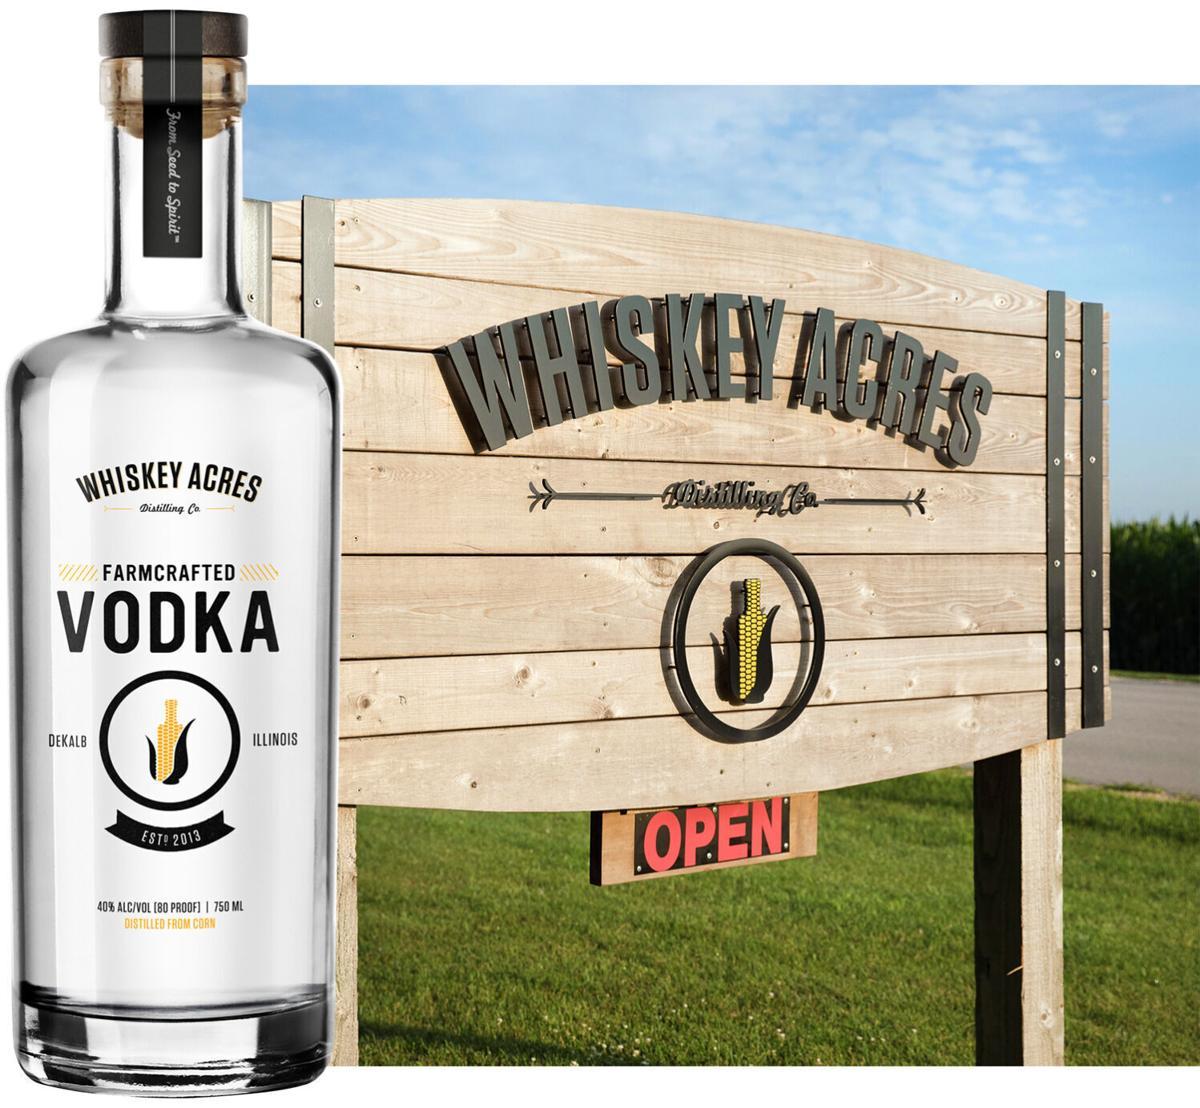 Whiskey Acres vodka